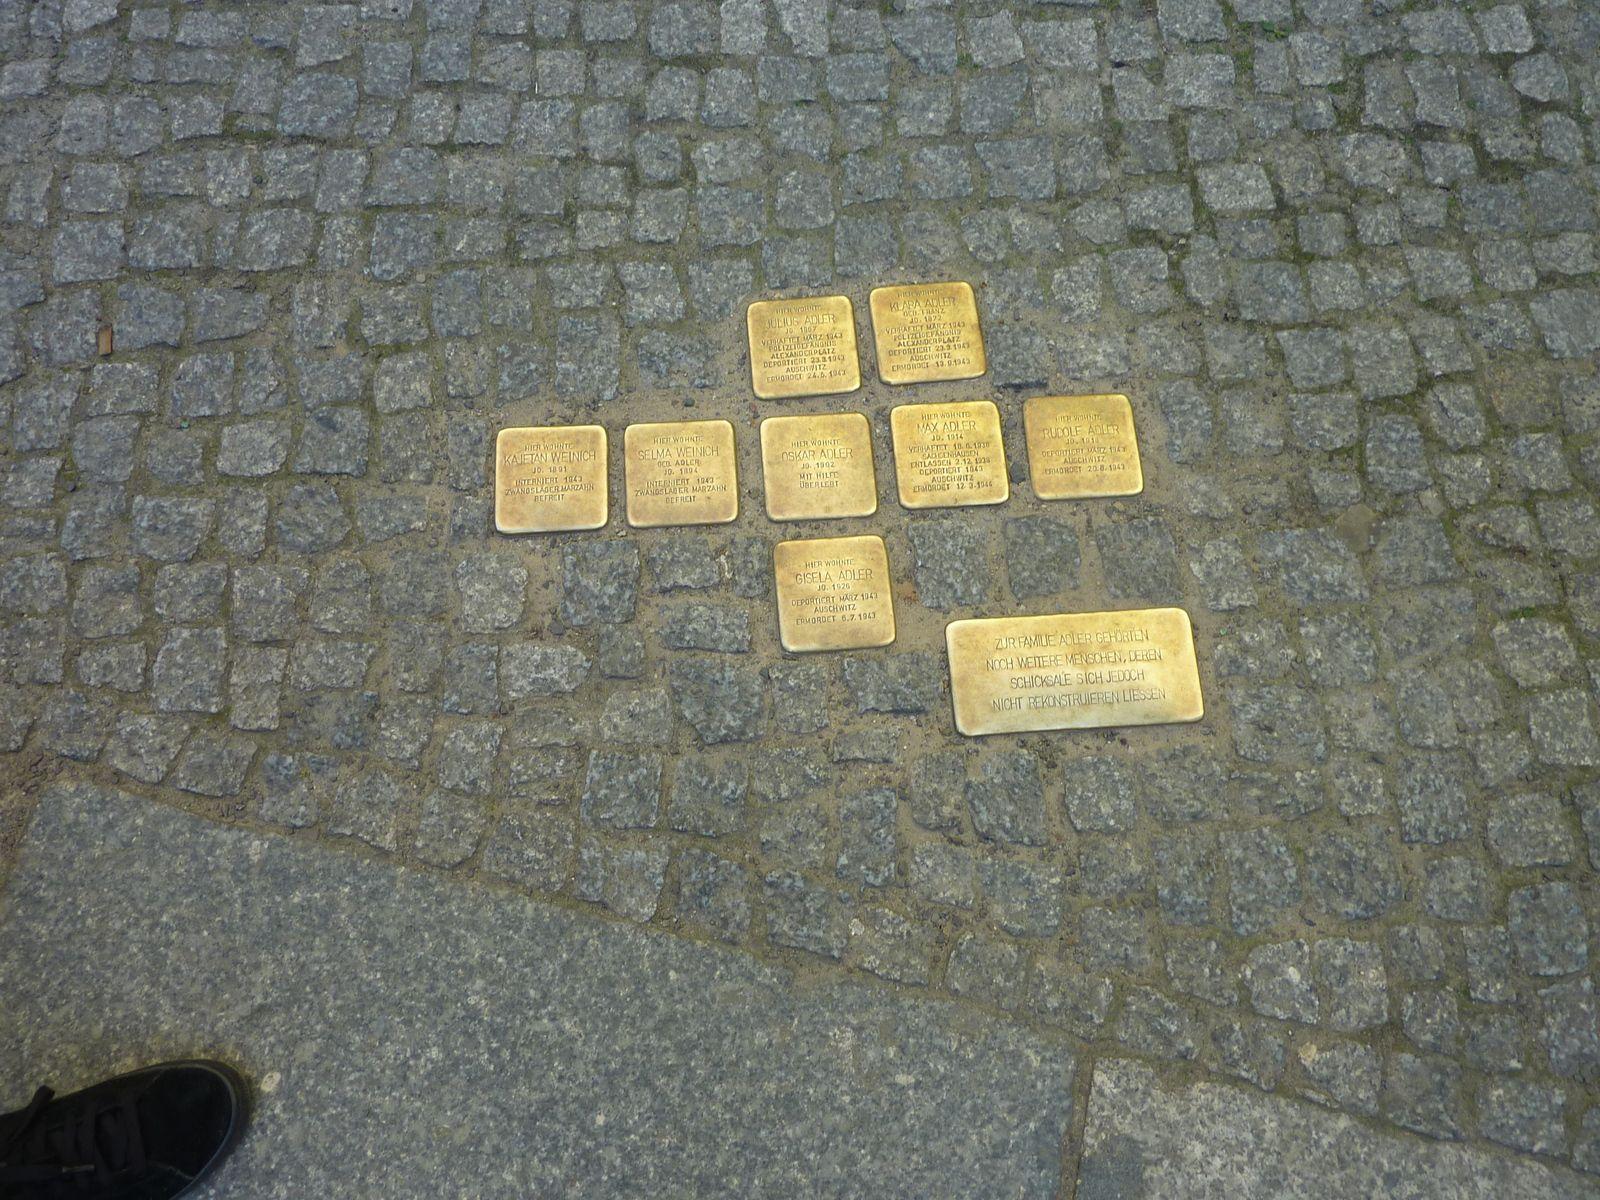 Stolpersteine à Berlin (collection personnelle)